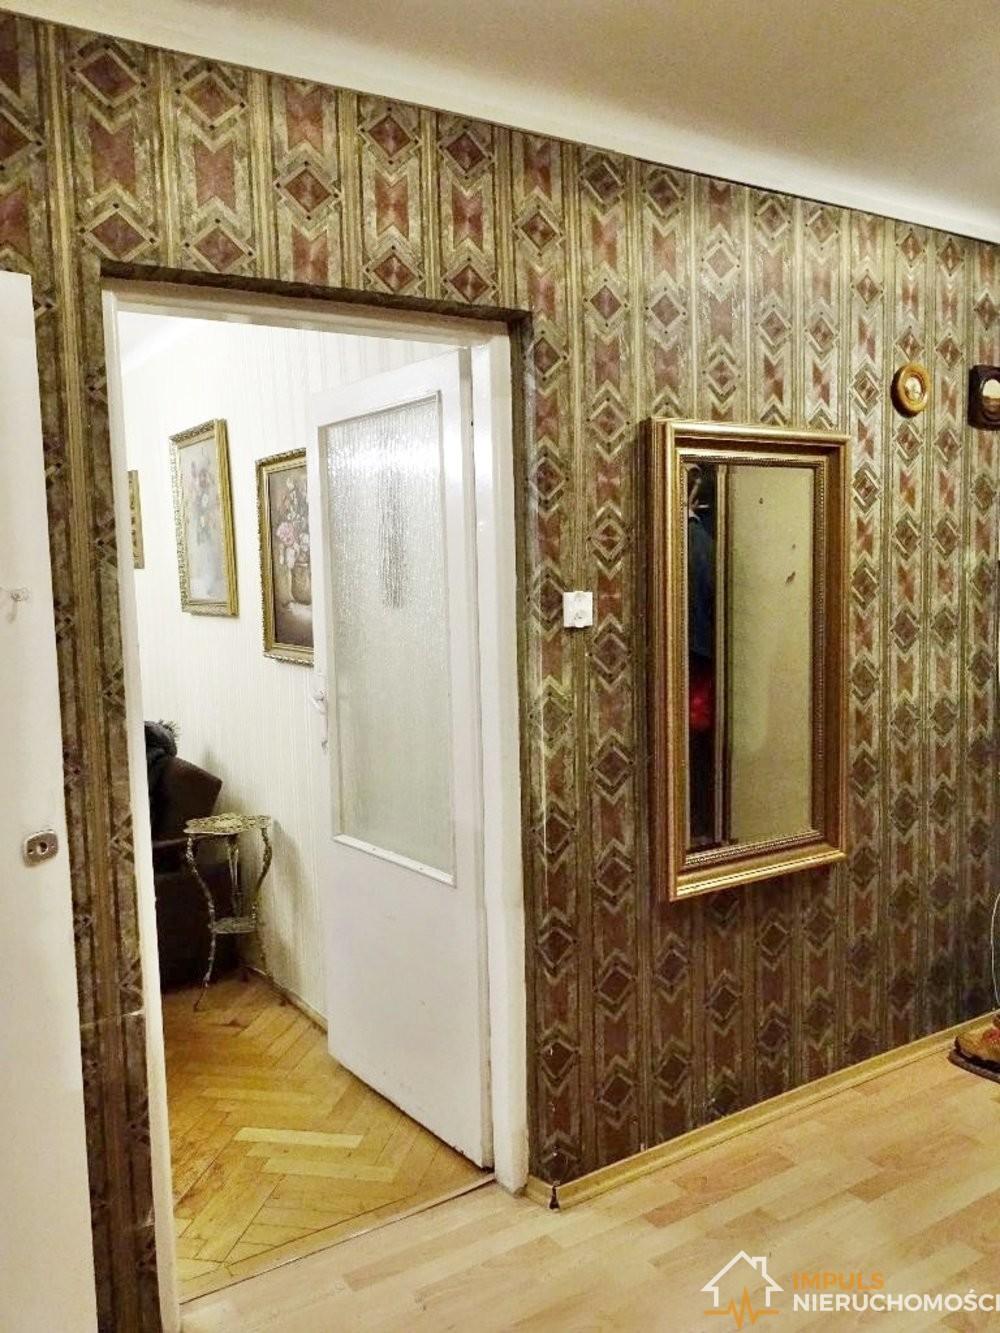 dwupokojowe-mieszkanie-przy-ul-zwierzynieckiej--bialystok